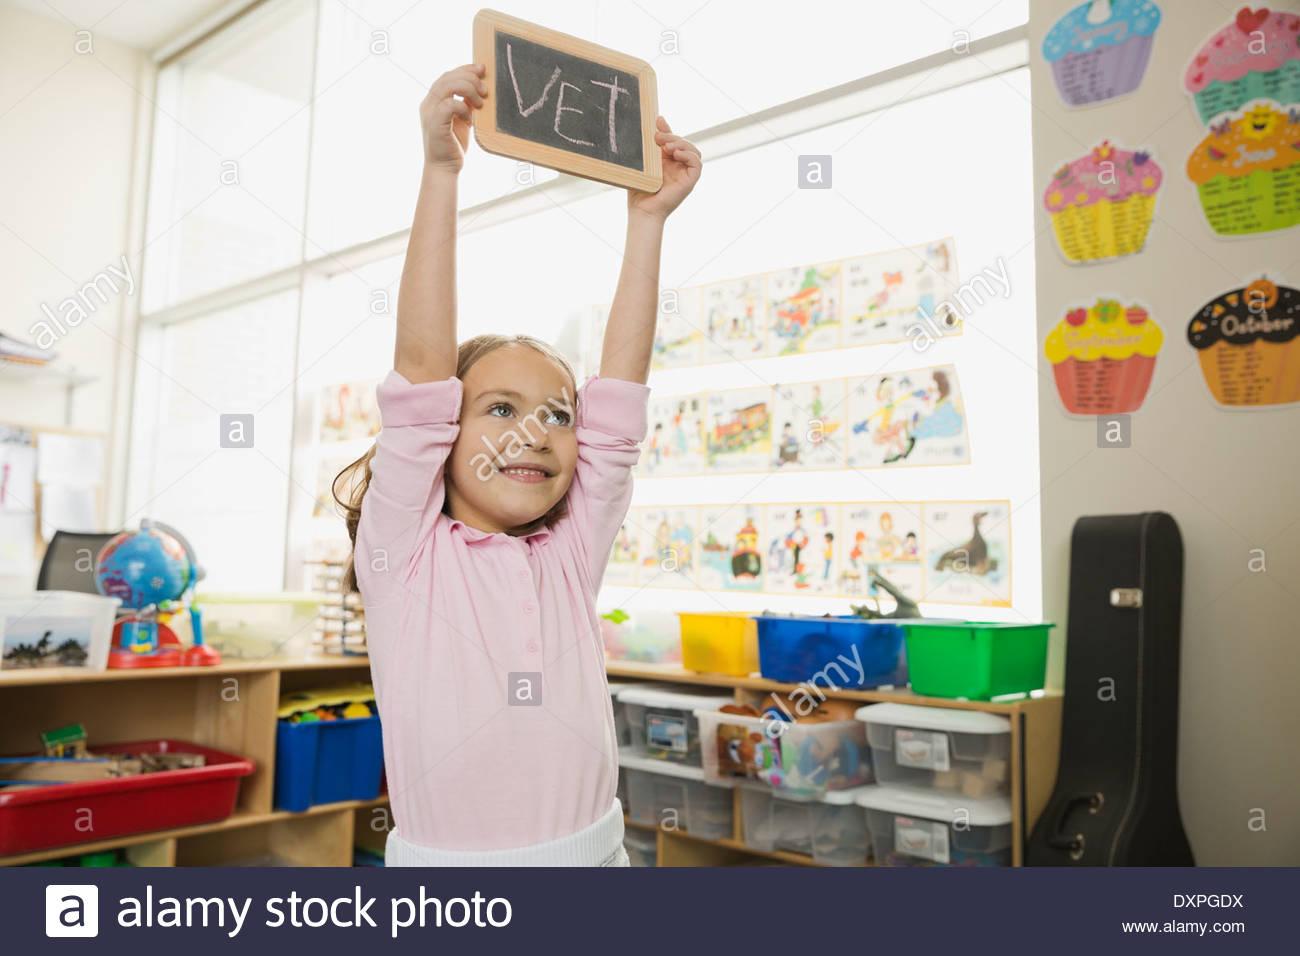 Smiling girl holding slate with 'Vet' written on it - Stock Image